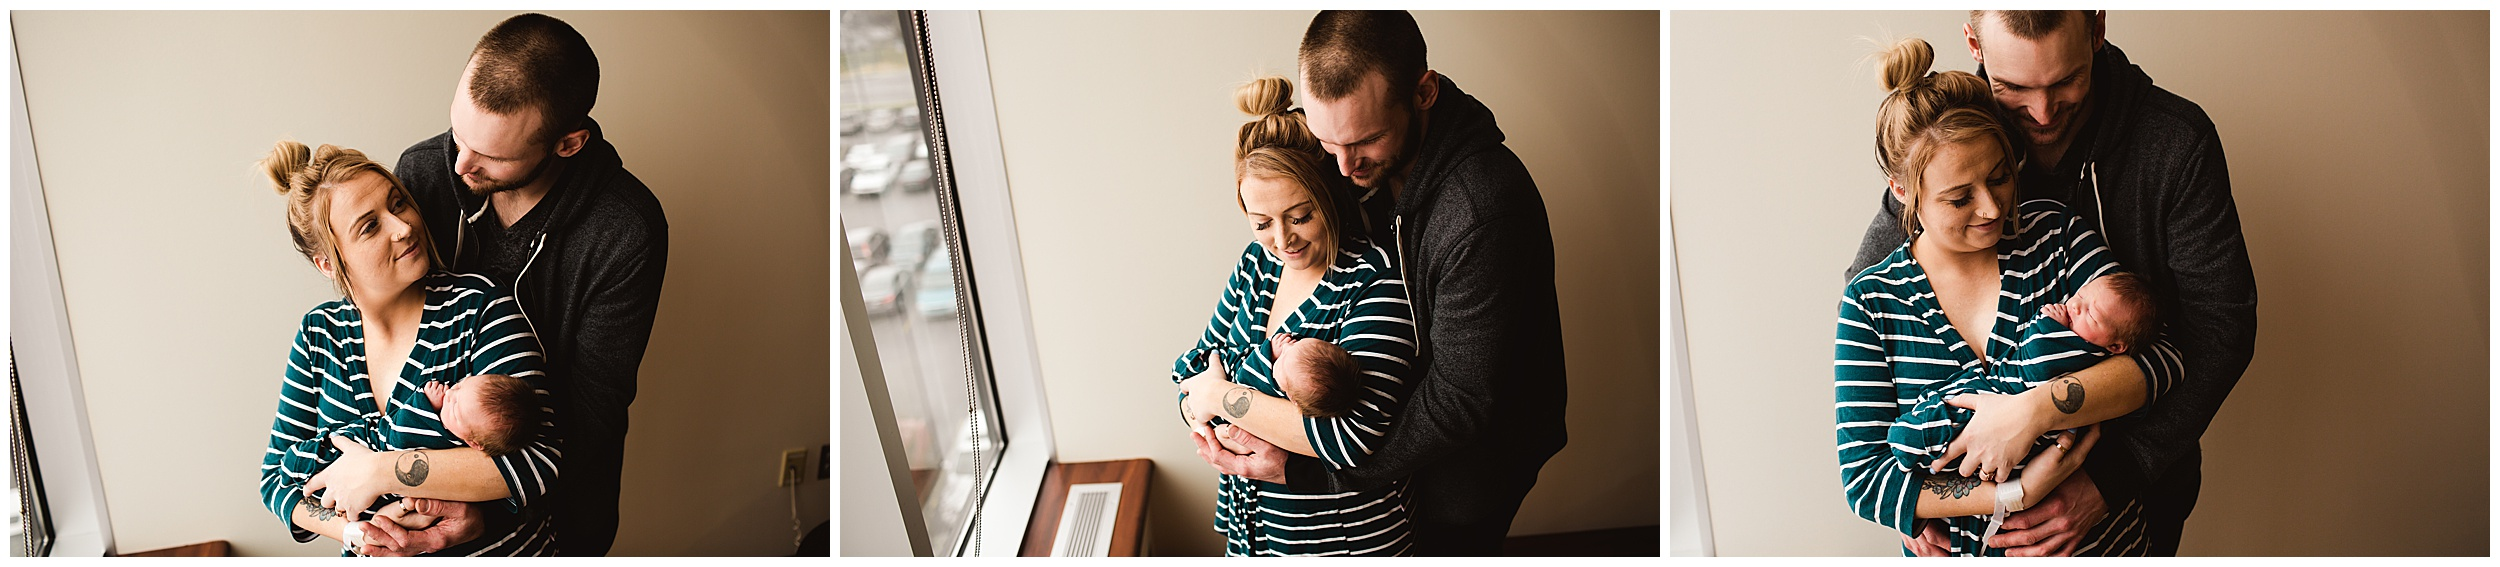 Indianapolis Family Photographer_Kelli White Photography_IG_0129.jpg